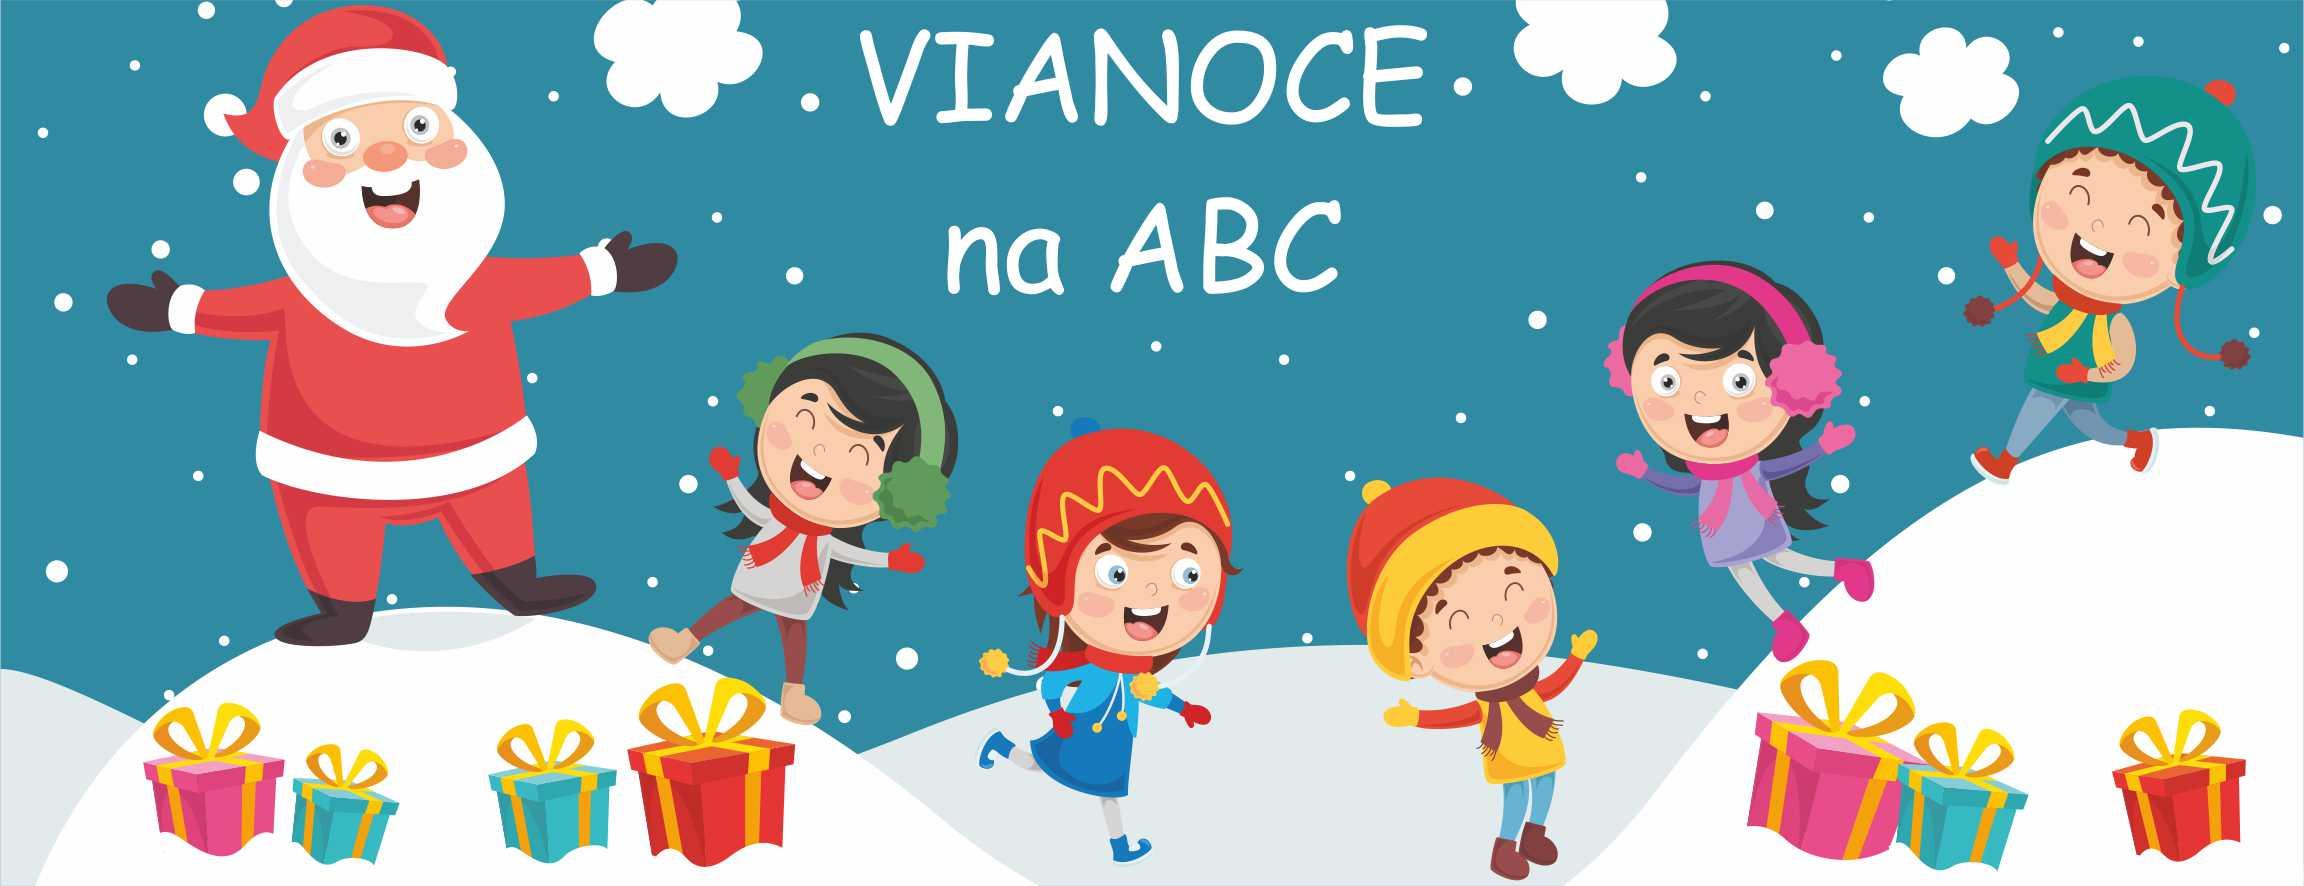 ZIMA na ABC - Mikuláš, Vianoce, Zimné mesiace - Hry, pracovné zošity, úlohy a cvičenia pre detičky